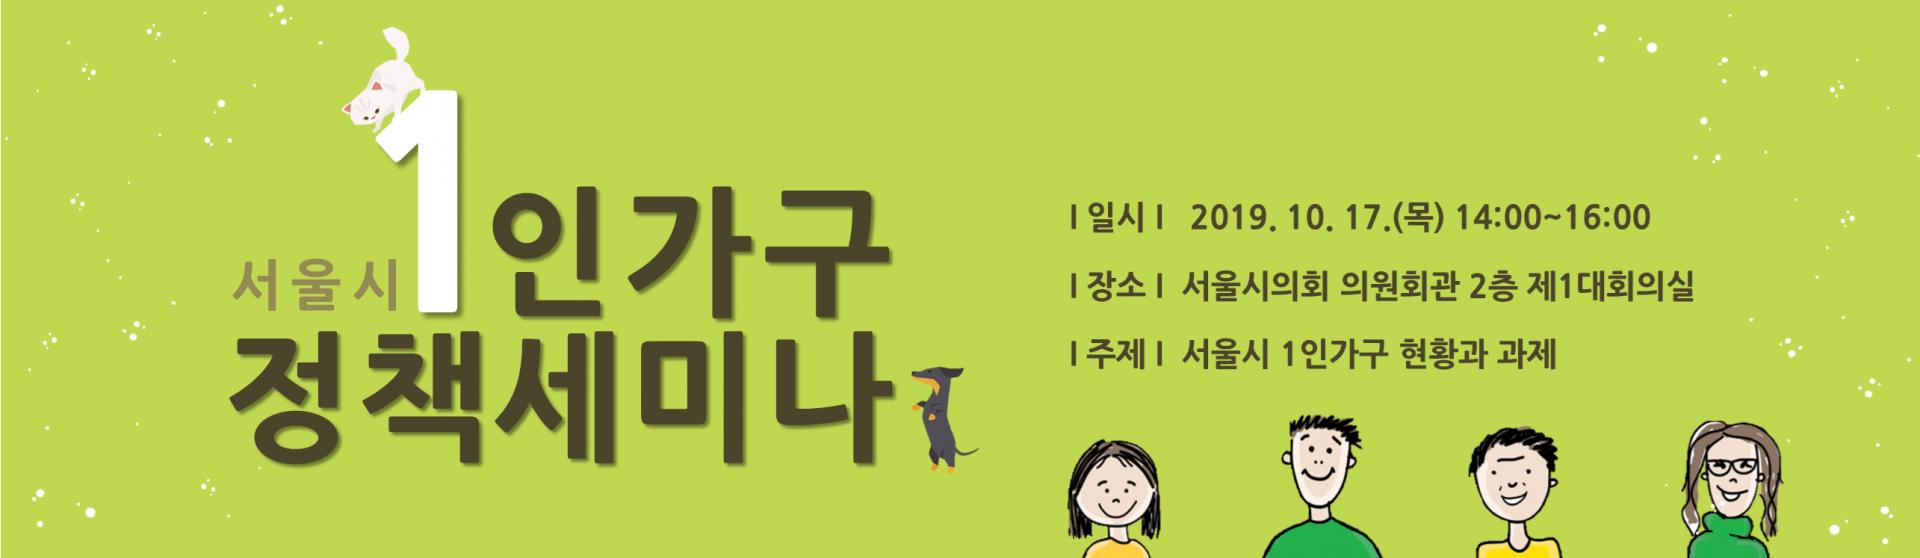 서울시 1인가구정책세미나 메인슬라이드